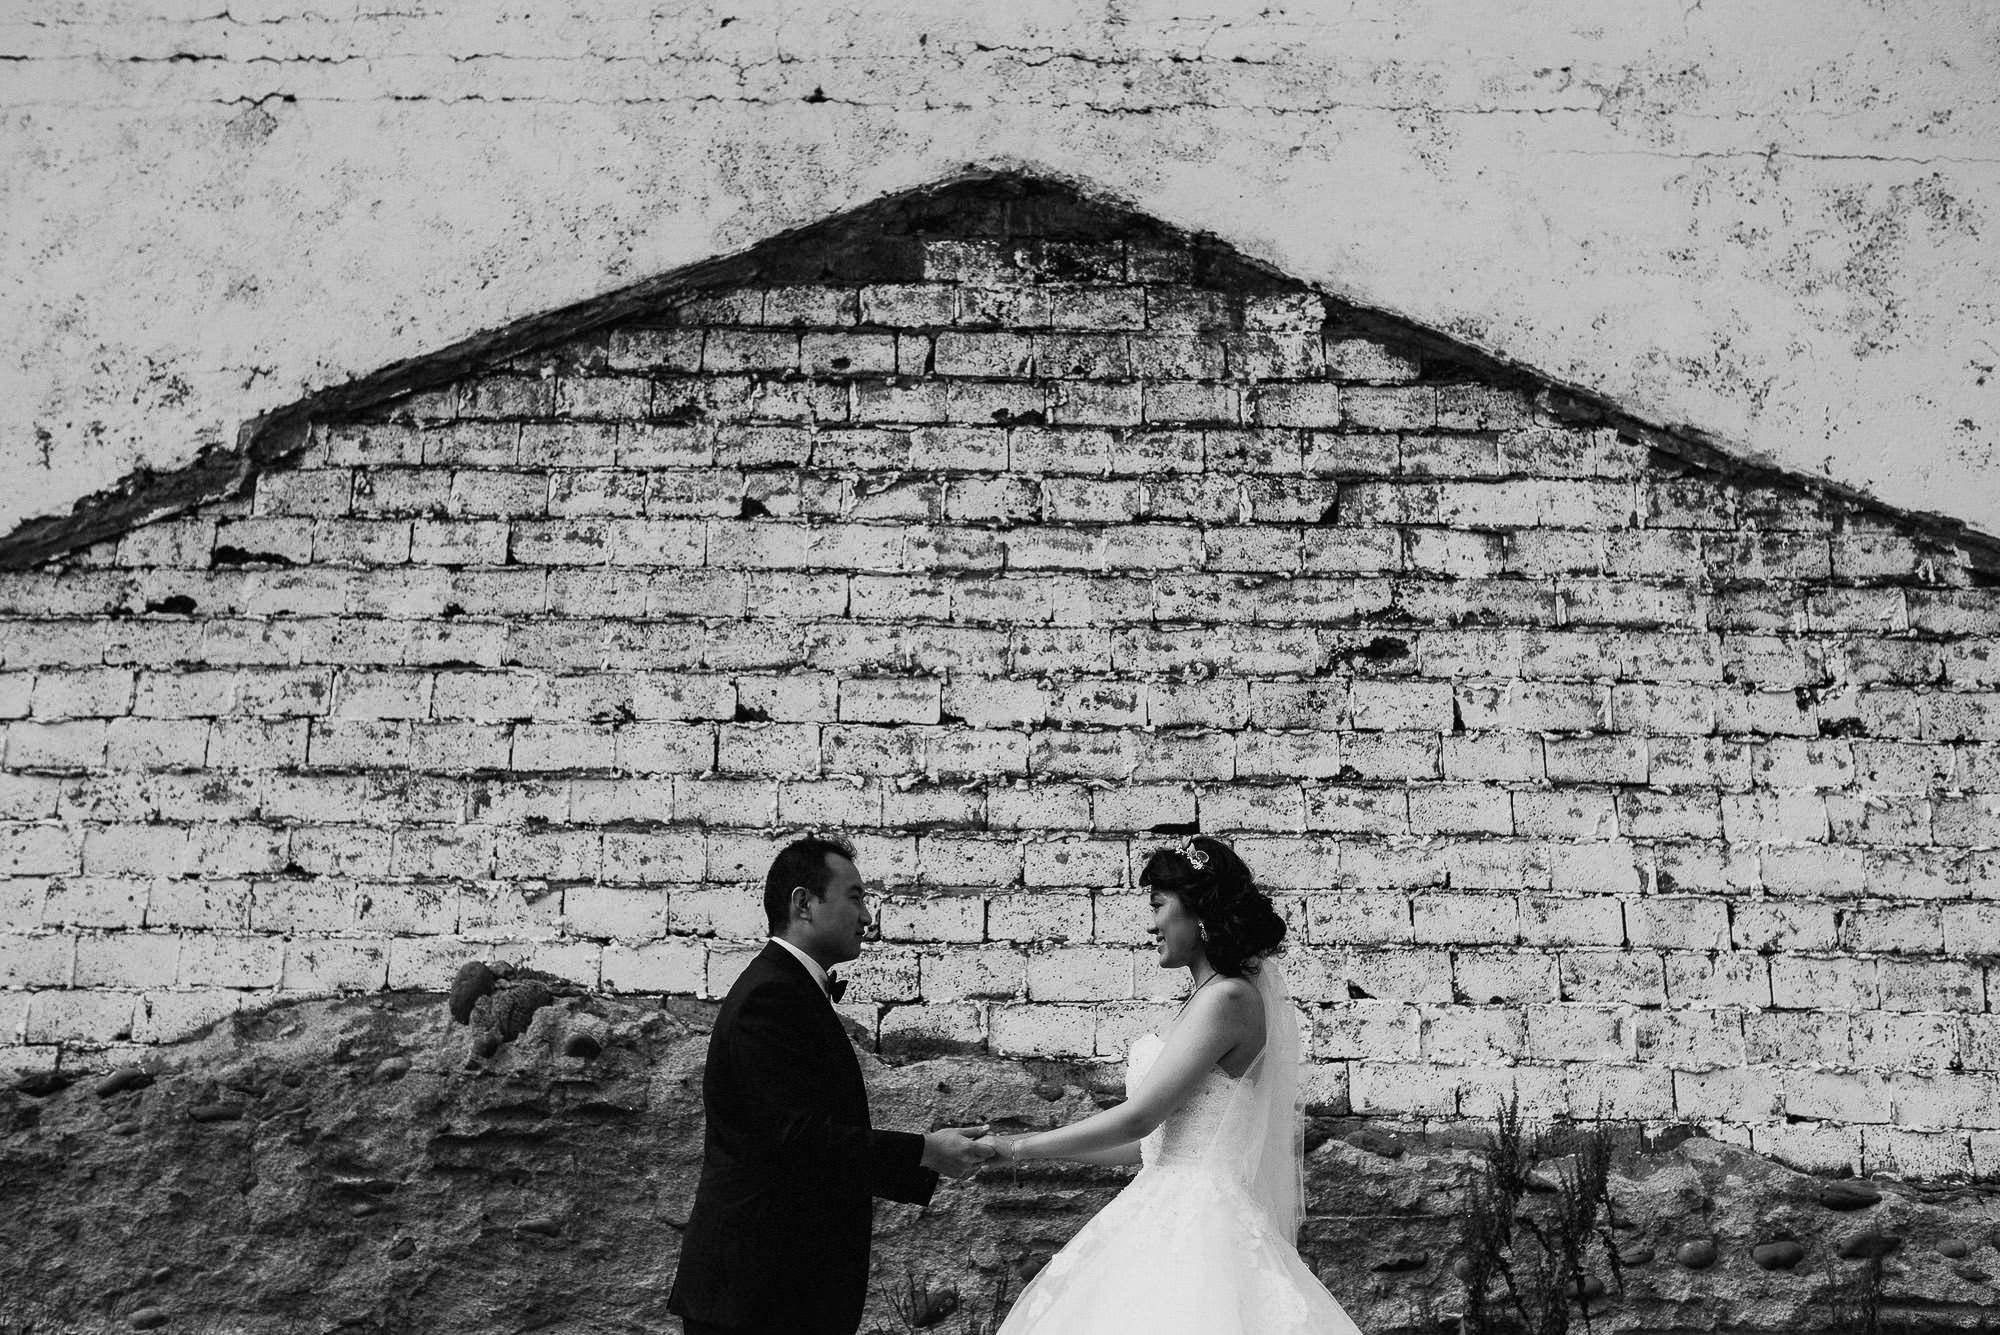 iceland-wedding-photographer_jere-satamo_photography-reykjavik-021.jpg